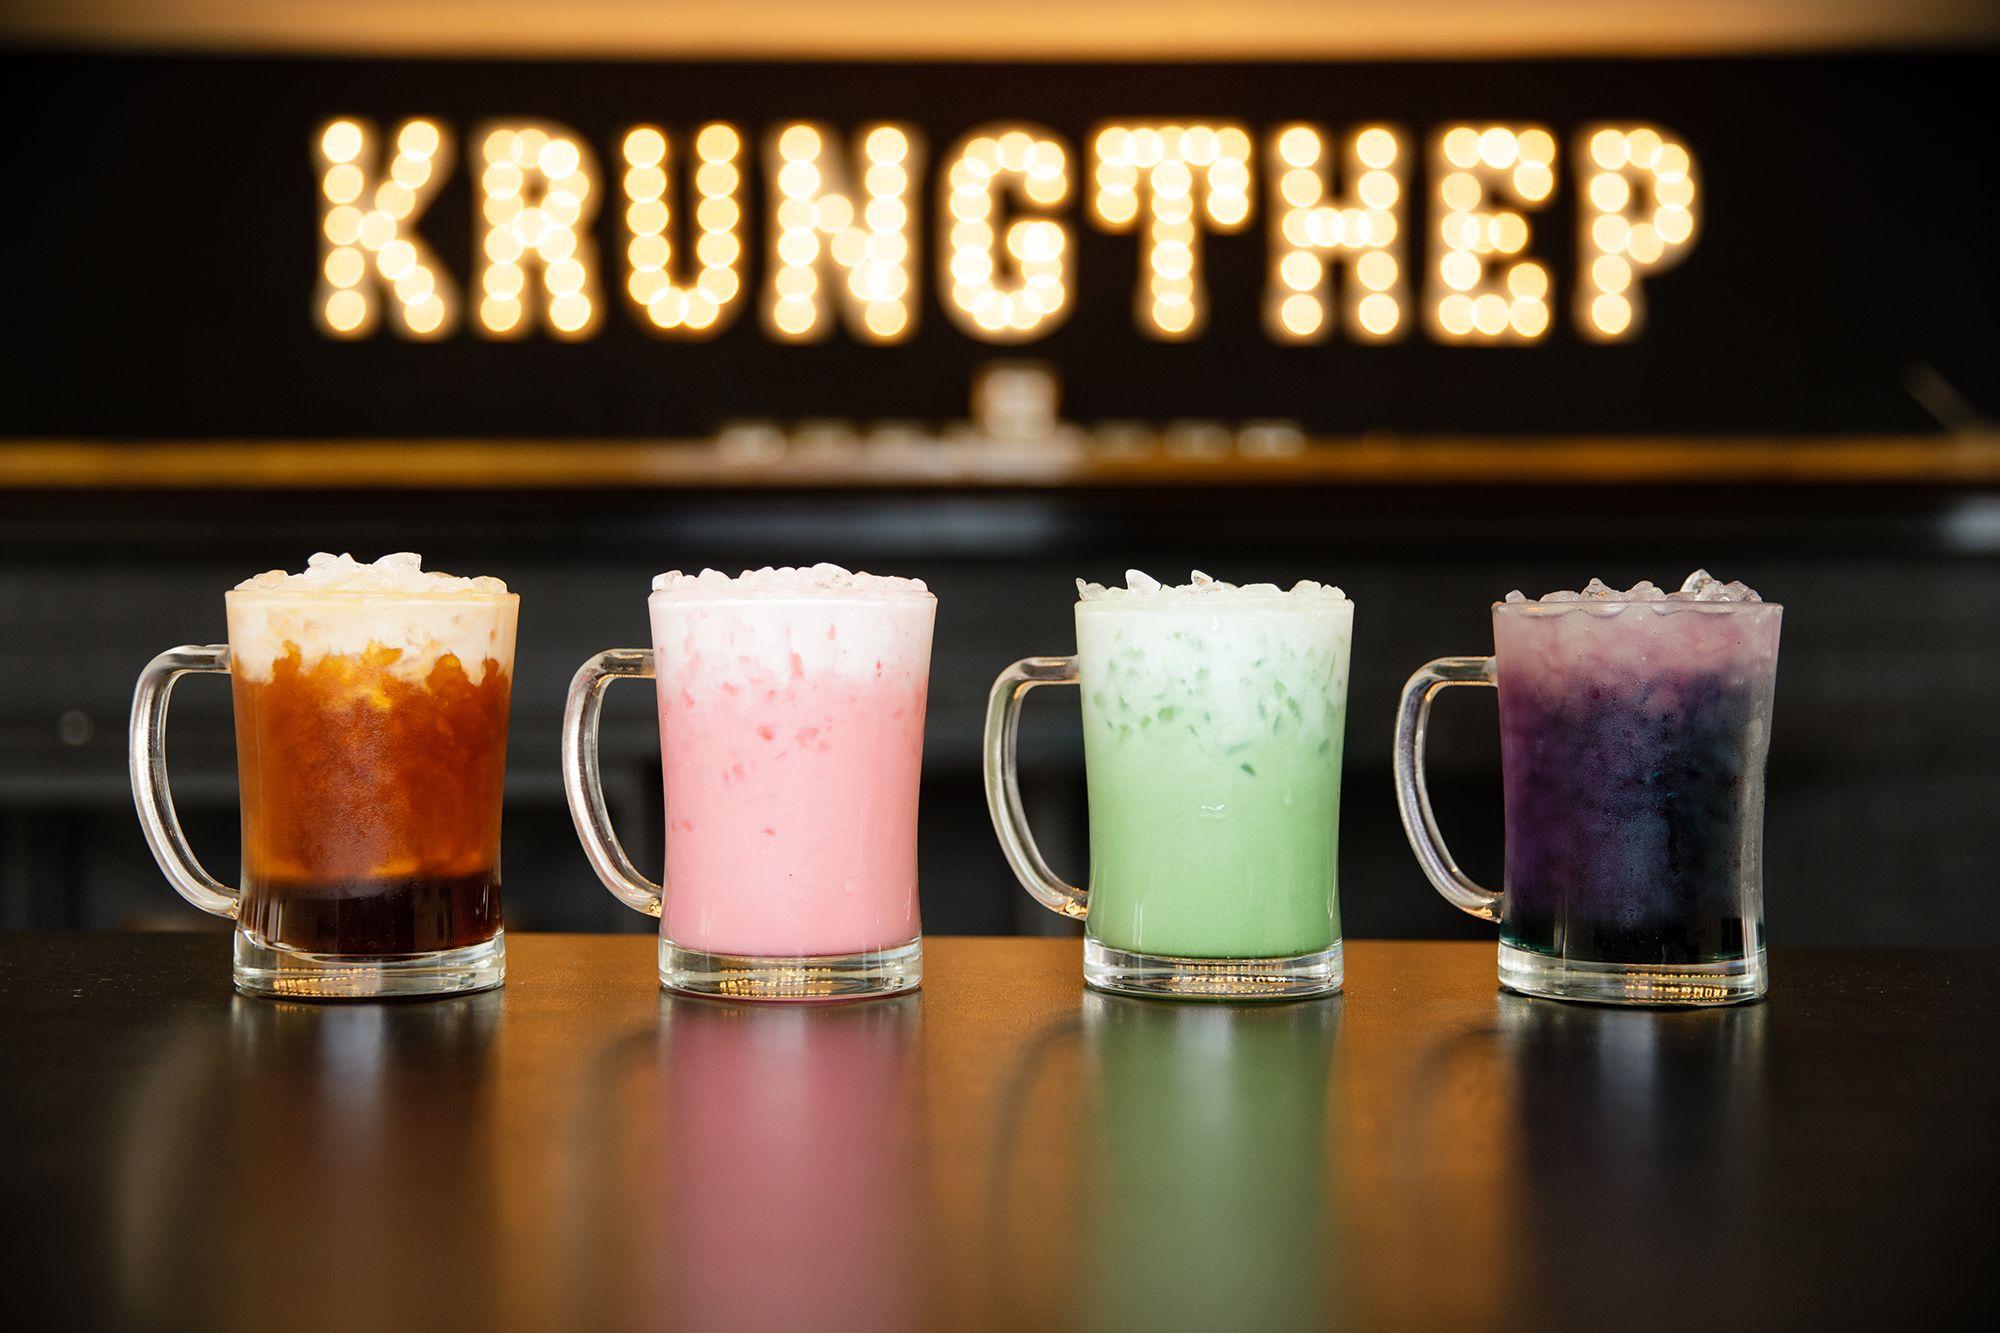 Rainbow teas at local tea room, Krungthep